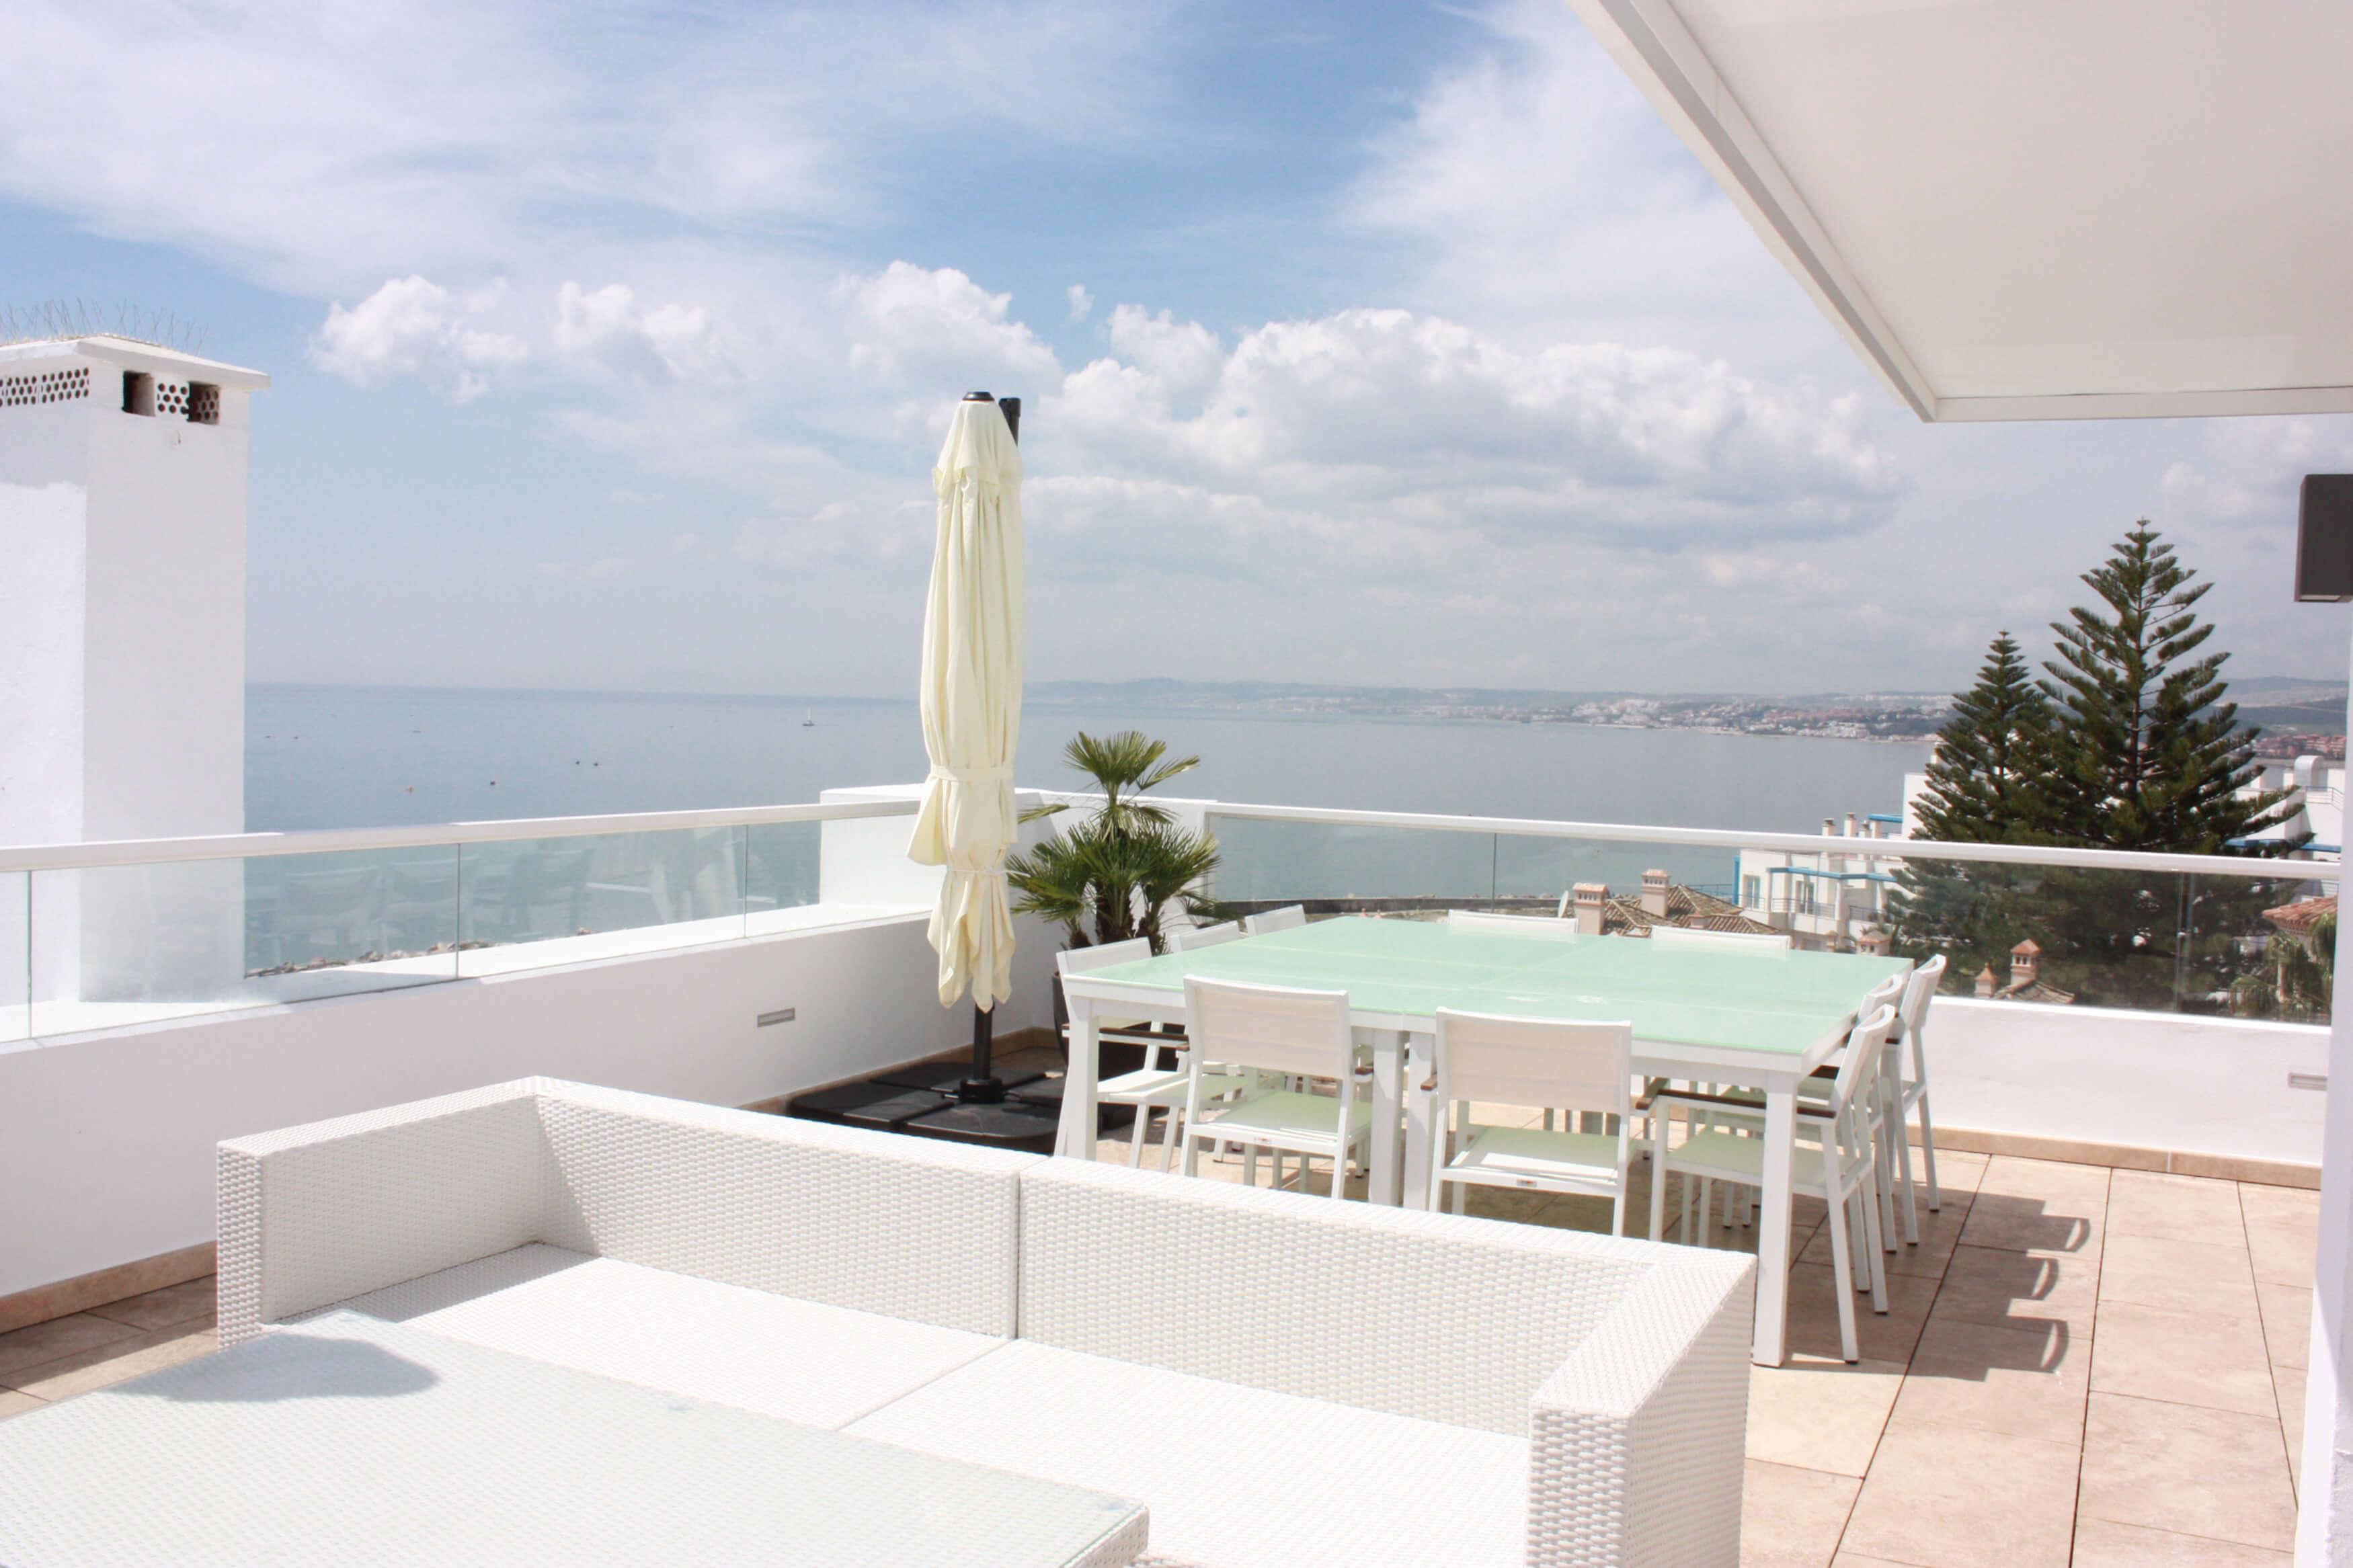 Vista terraza 1, Ático -Estepona, Costa del Sol